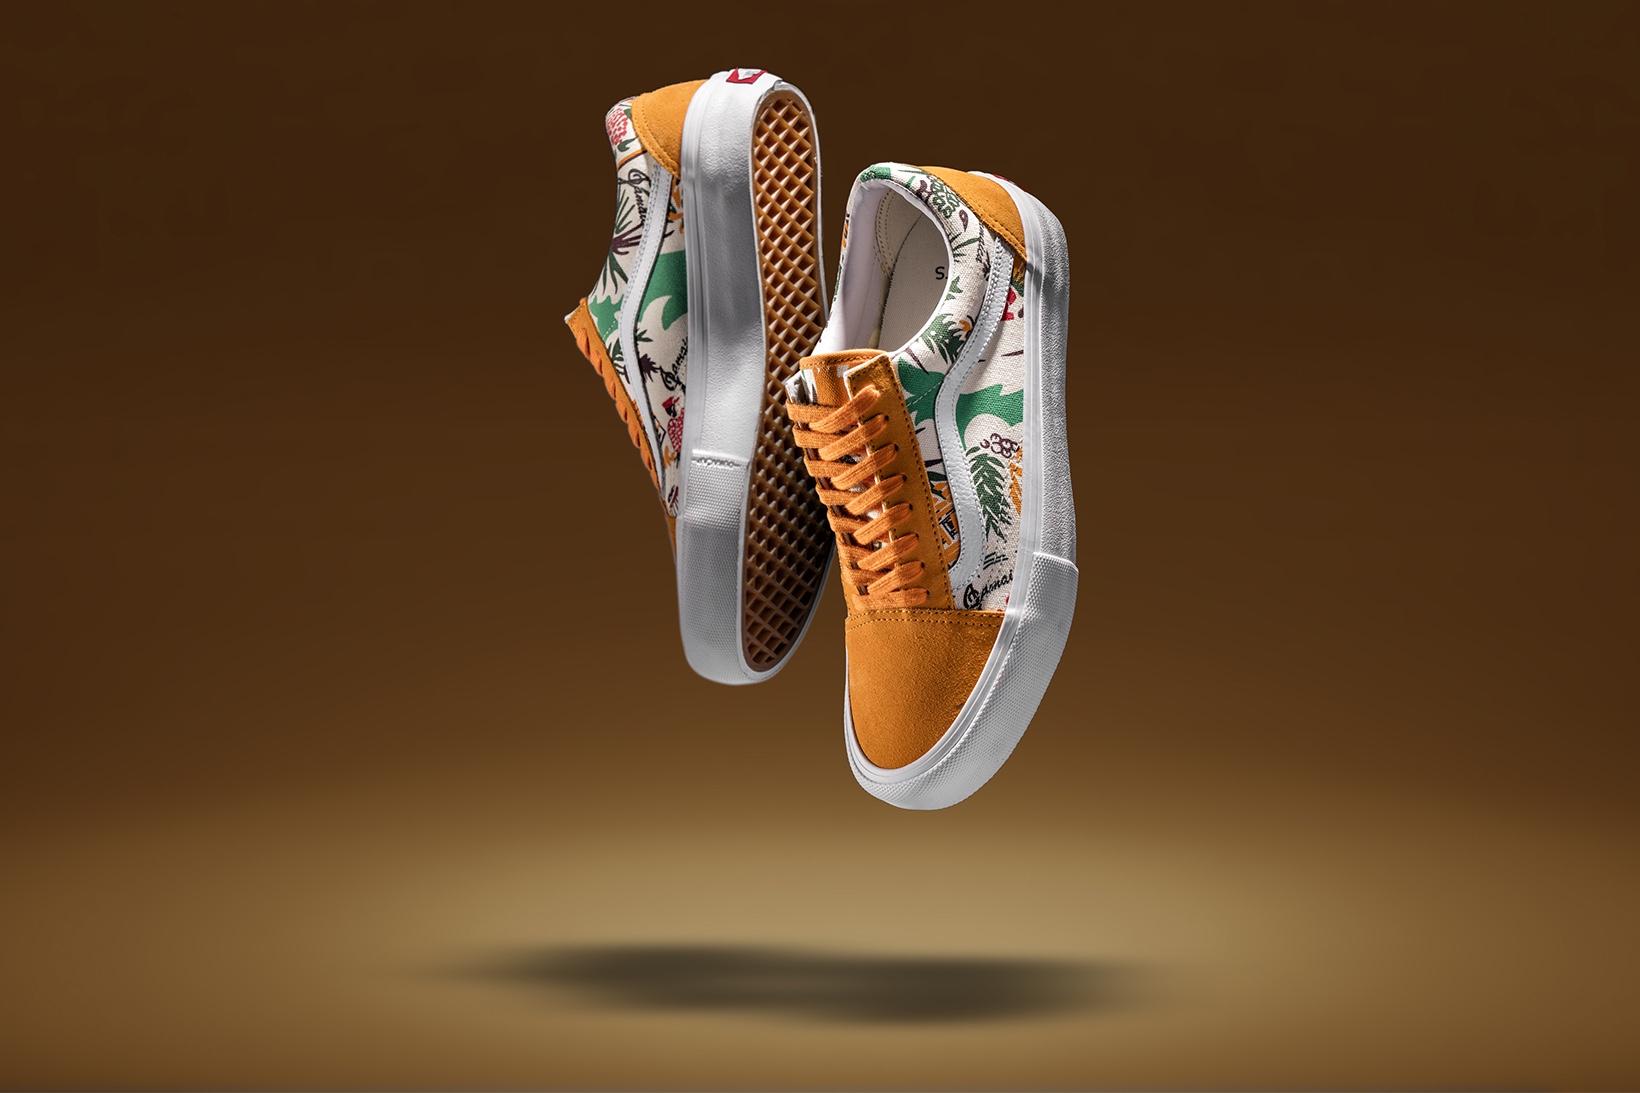 concepts-vans-old-skool-jamaica-pack-1